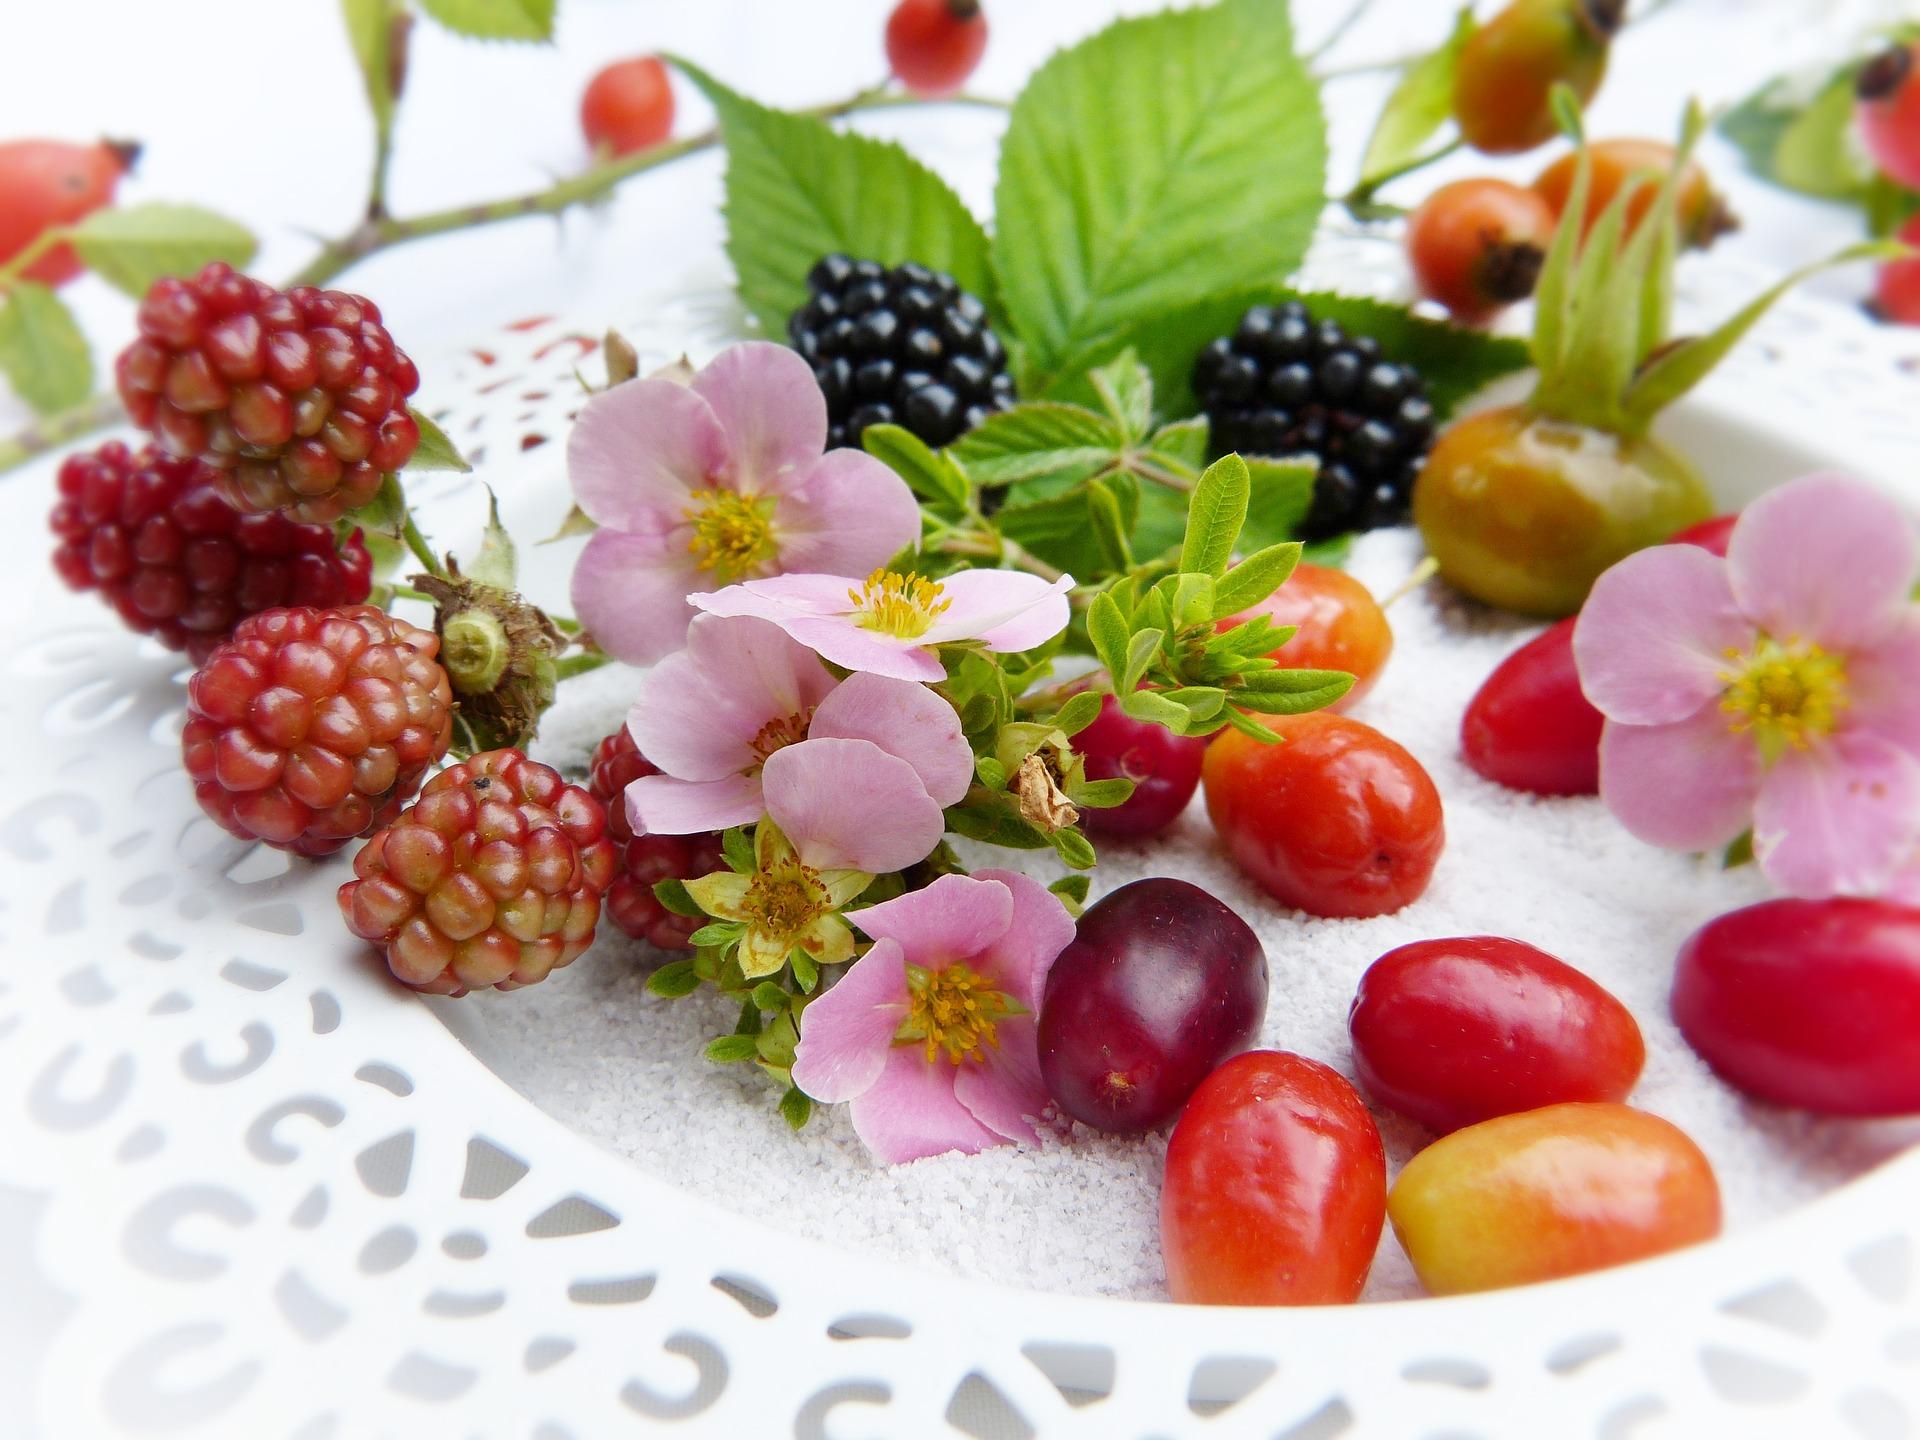 Smoothie Rezept mit Taubnessel, Brombeerblätter, Sanddorn, Hagebutten, Äpfel, Birne, Ingwer, MykoSan Fit & Vital